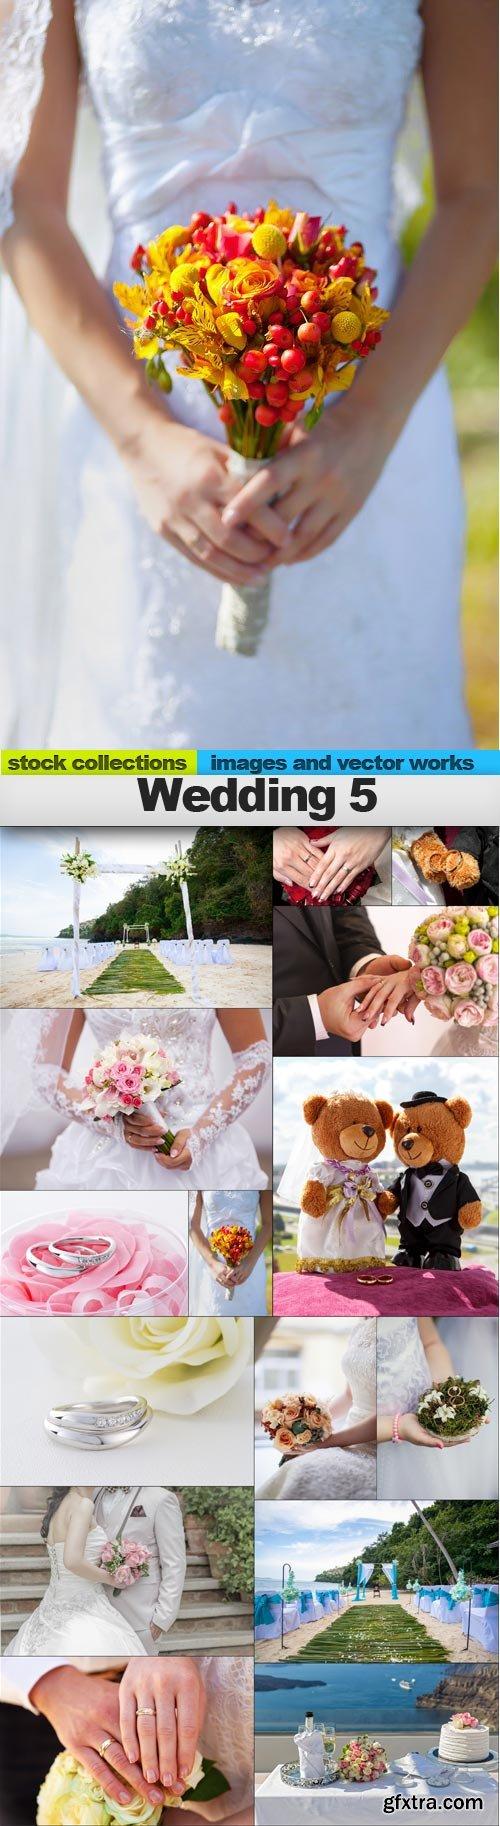 Wedding 5, 15 x UHQ JPEG